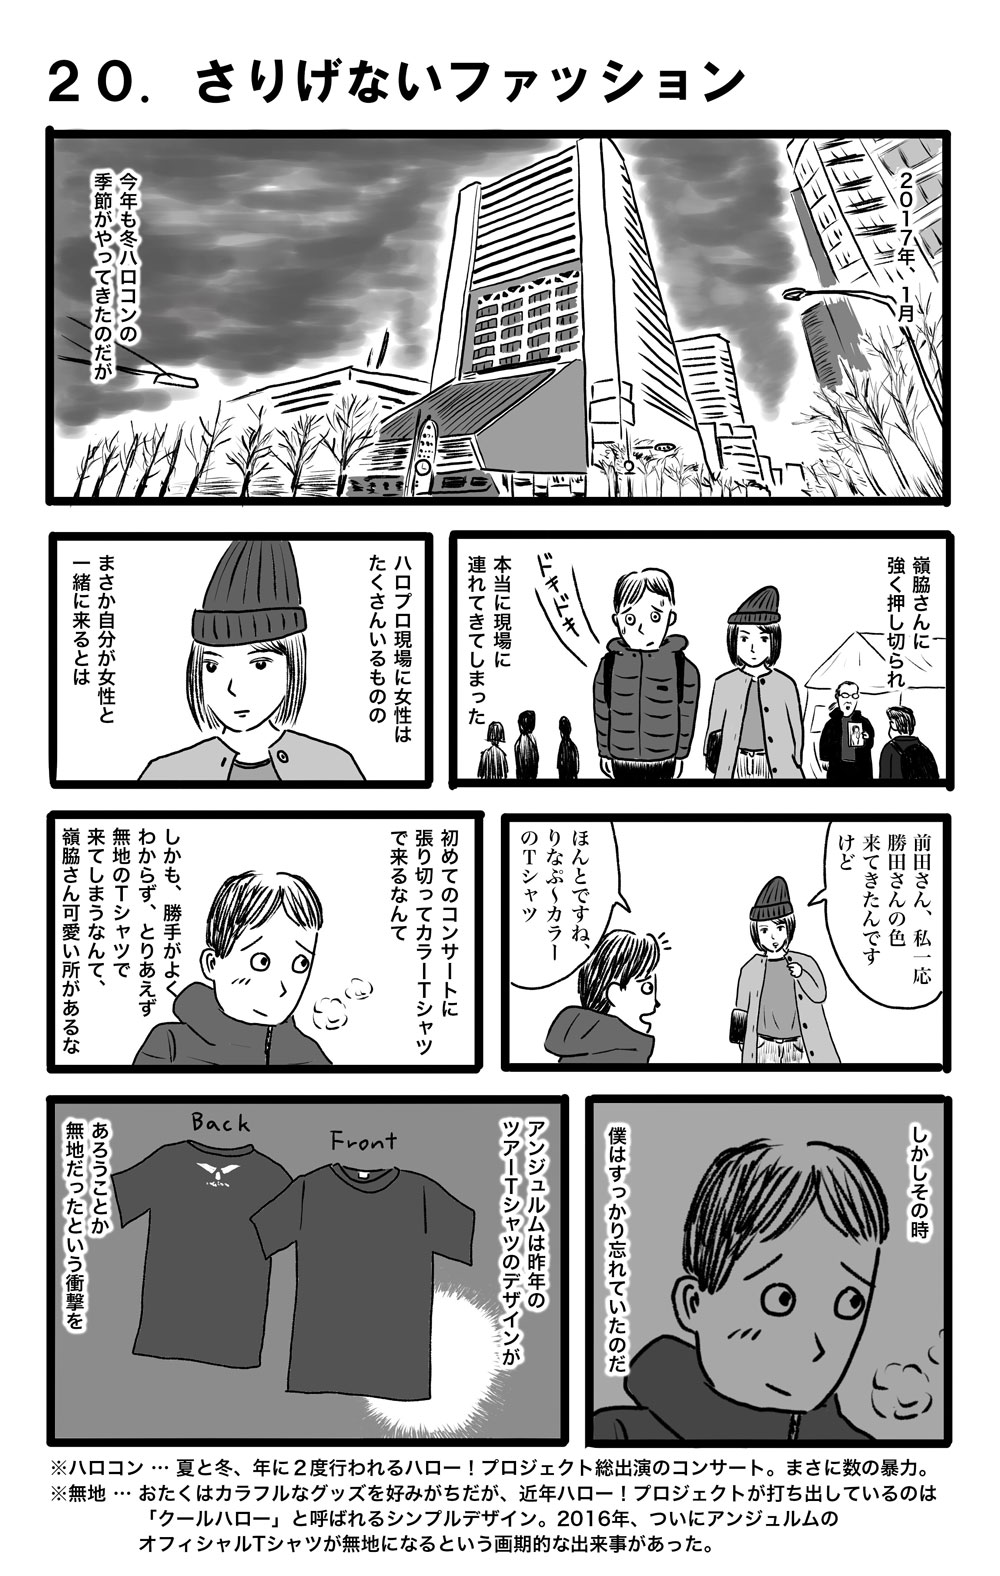 tsurugi-mikito-020